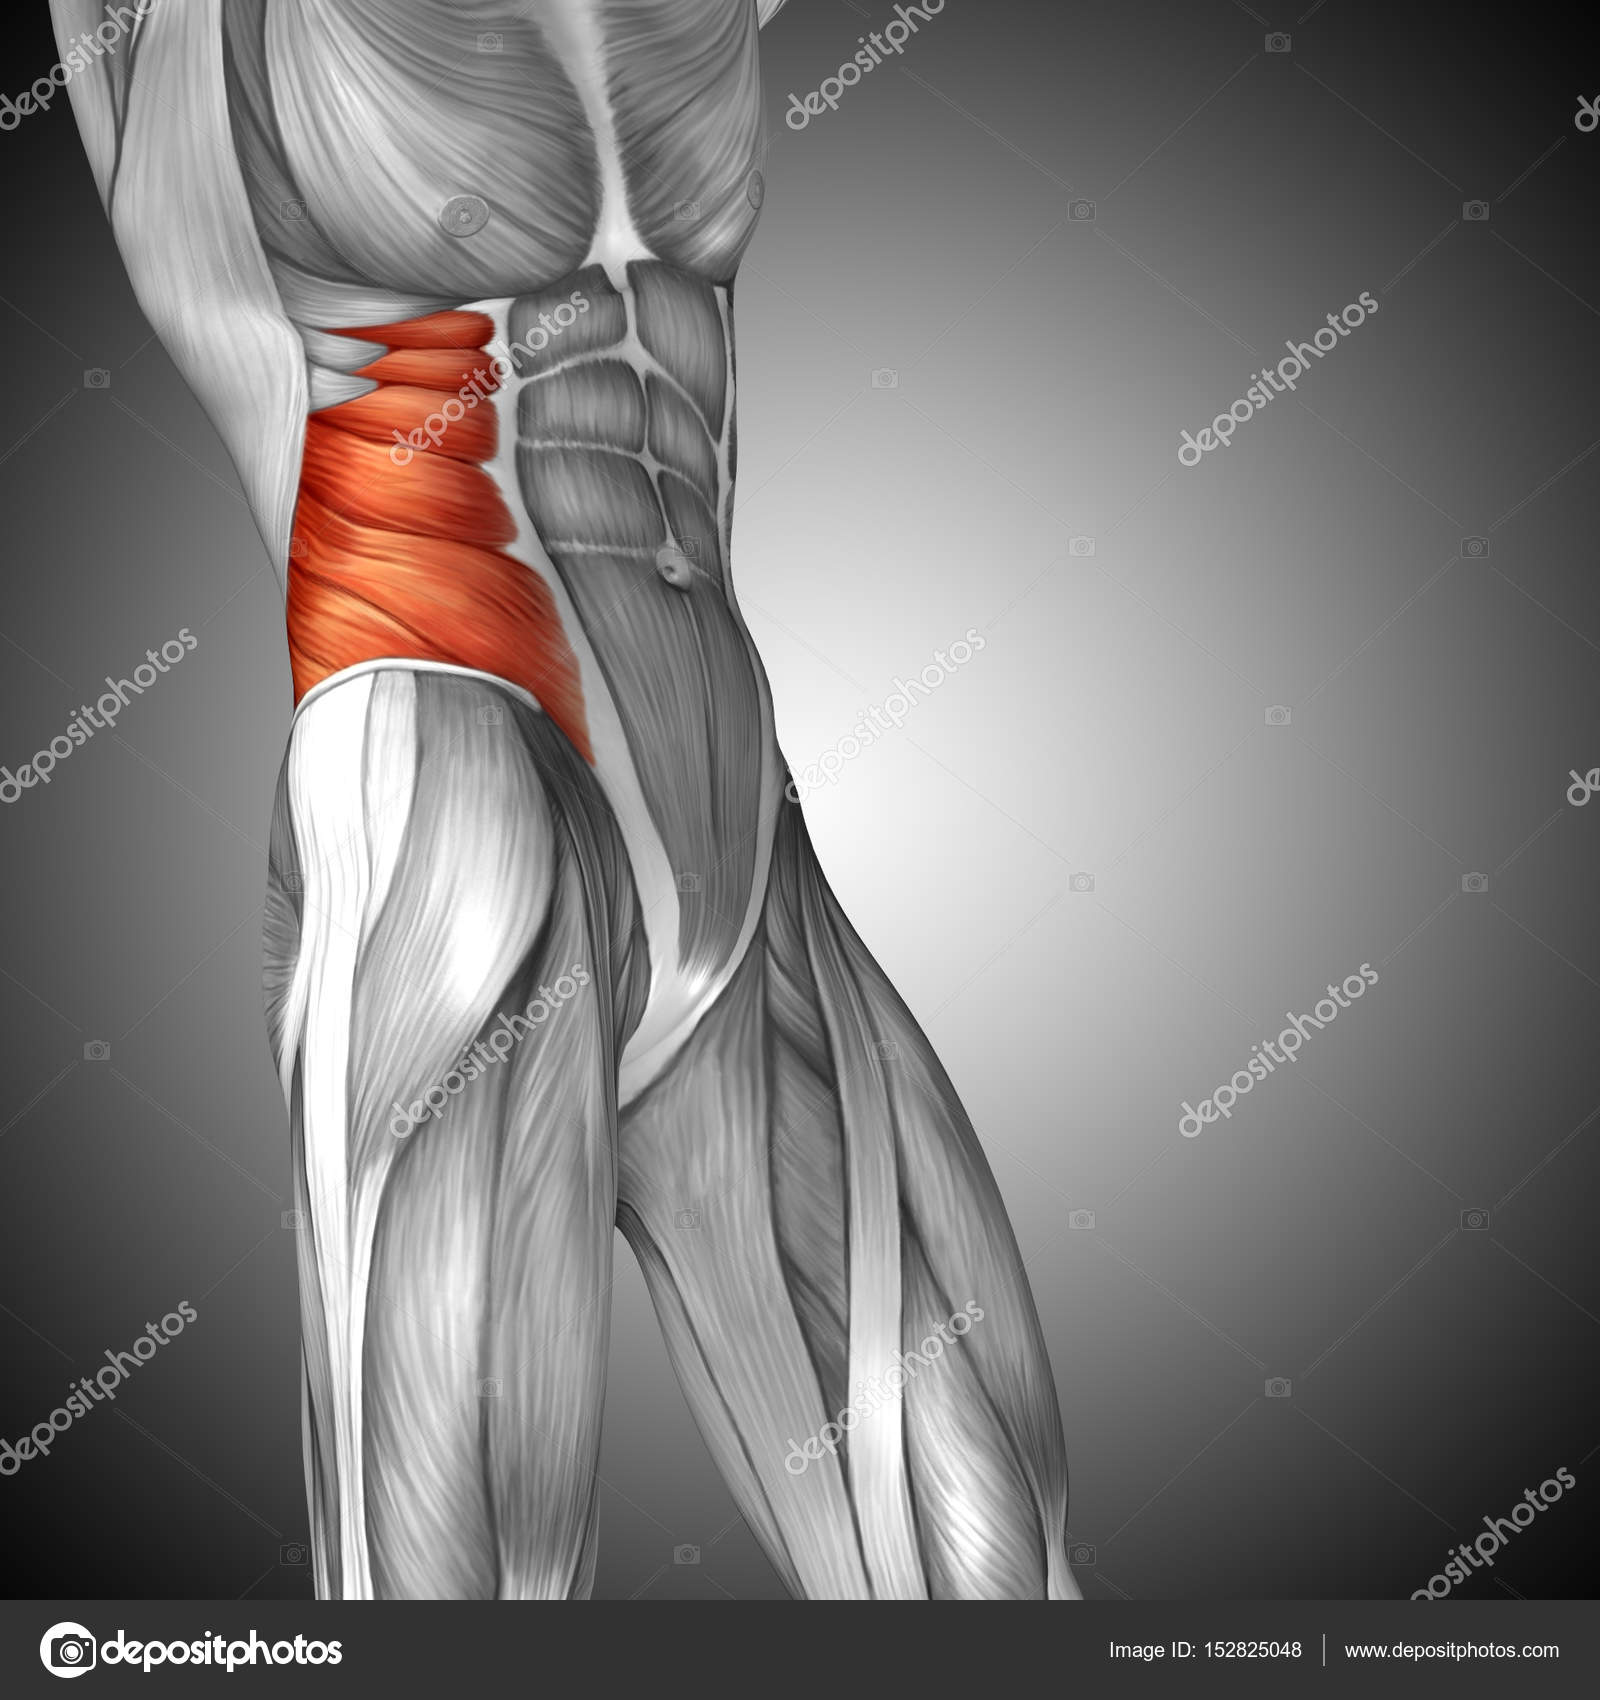 Anatomie der menschlichen Brust — Stockfoto © design36 #152825048